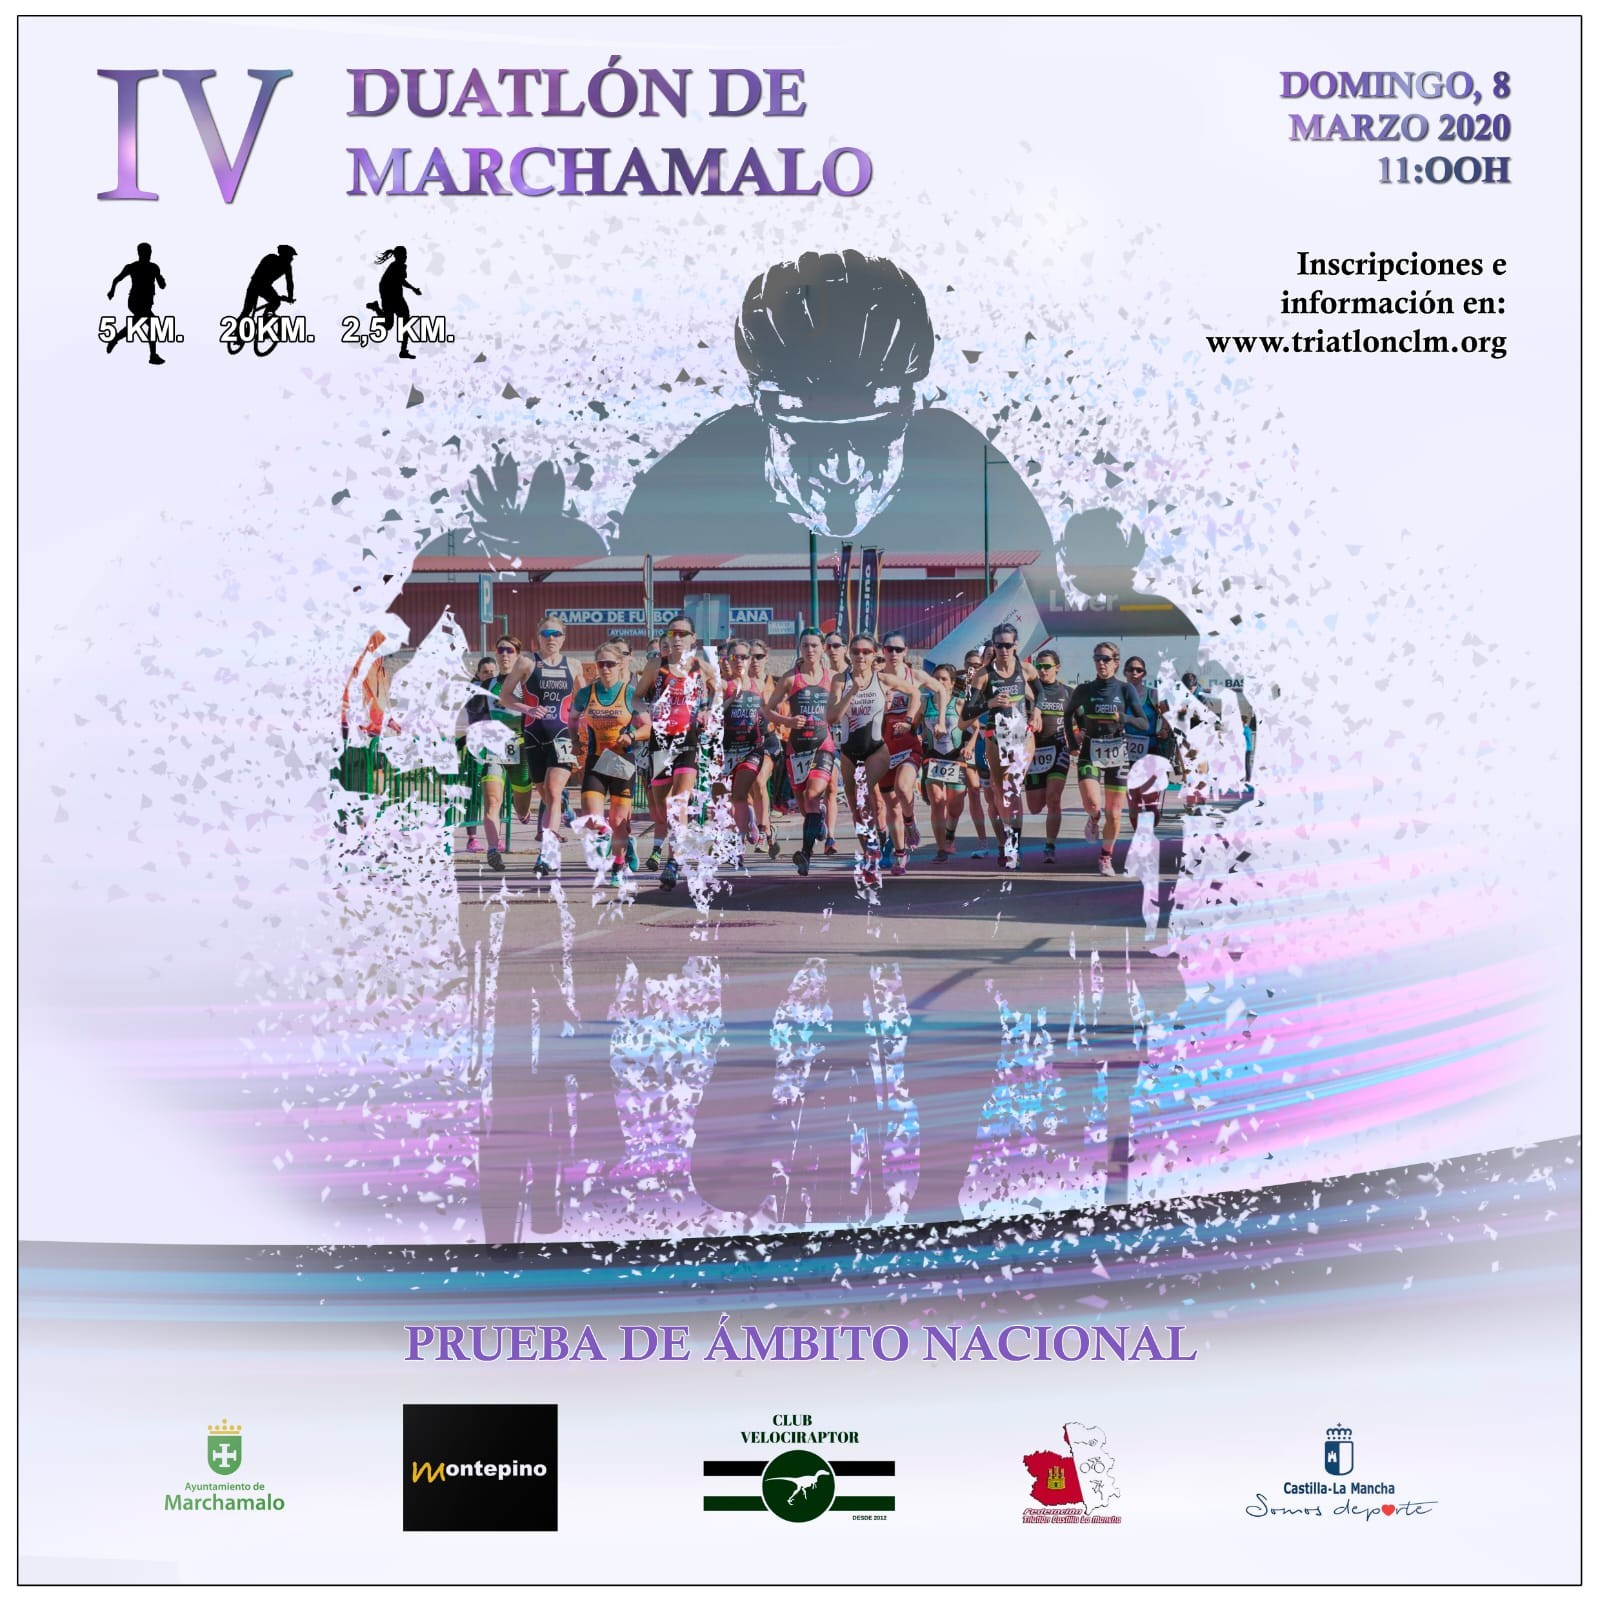 Clasificaciones - IV Duatlón de Marchamalo 20-